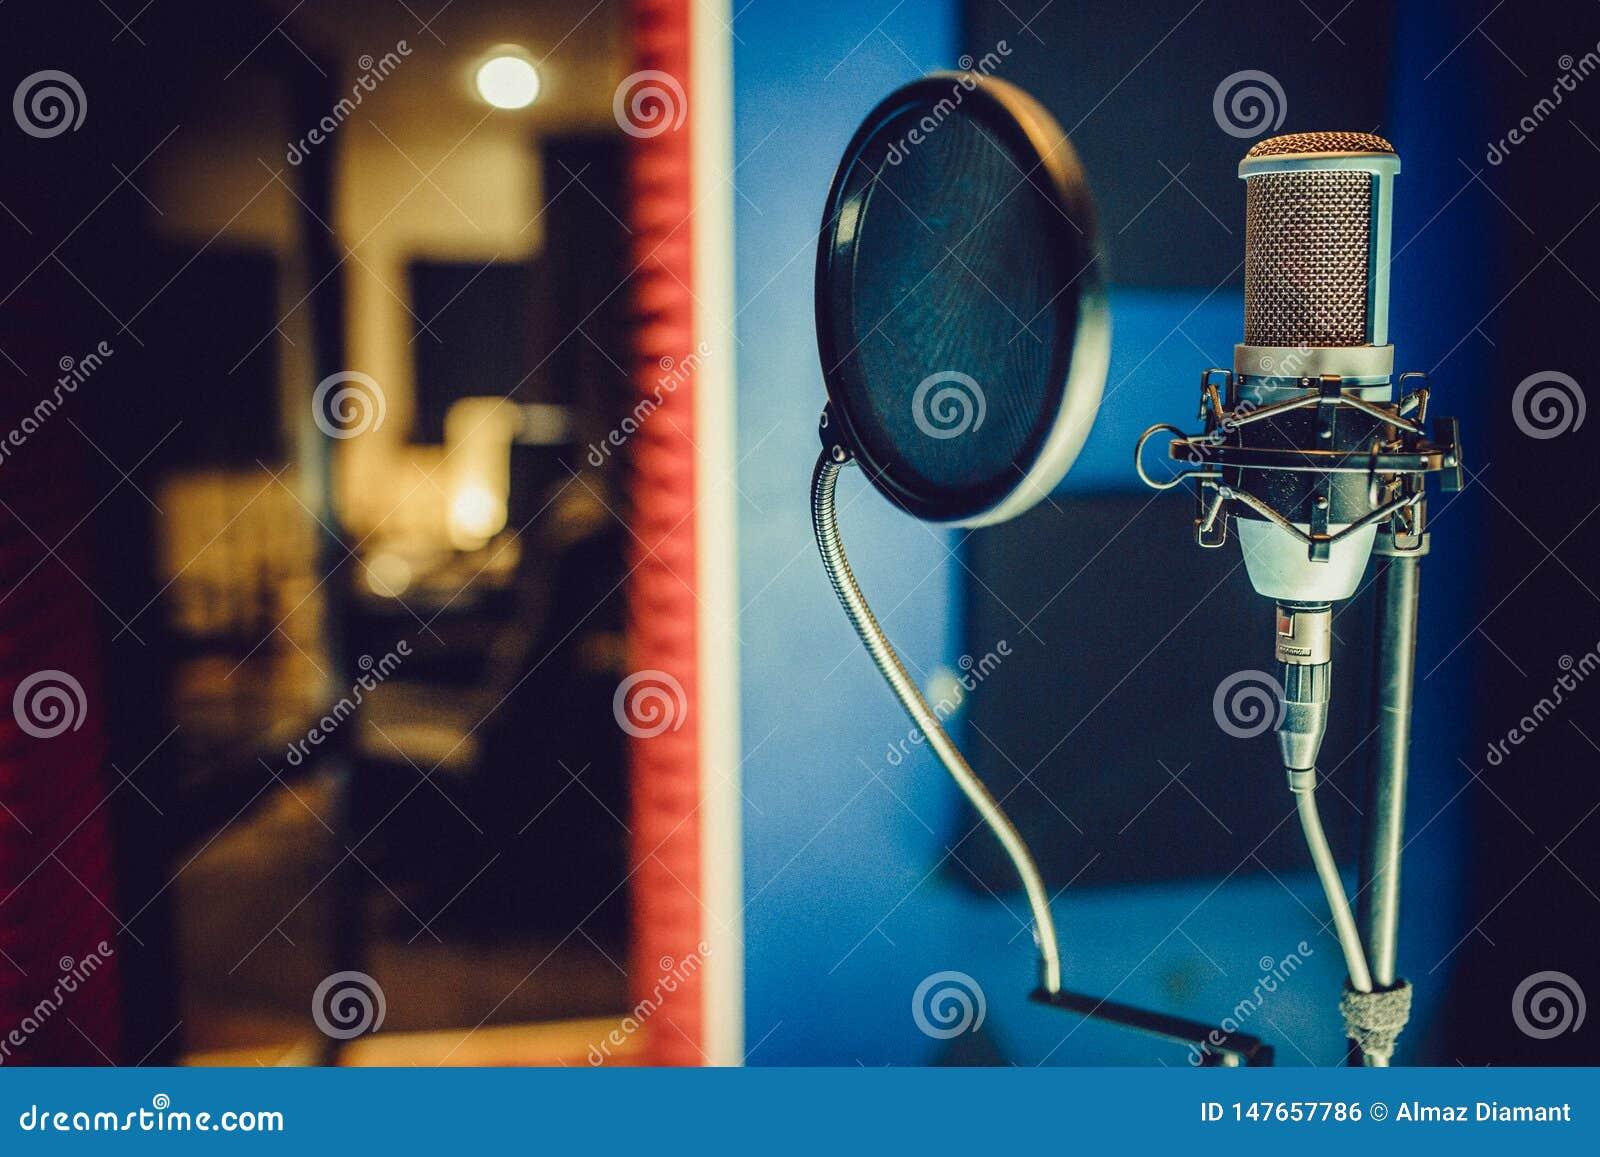 Microfono a condensatore in uno studio di registrazione, filtro da schiocco